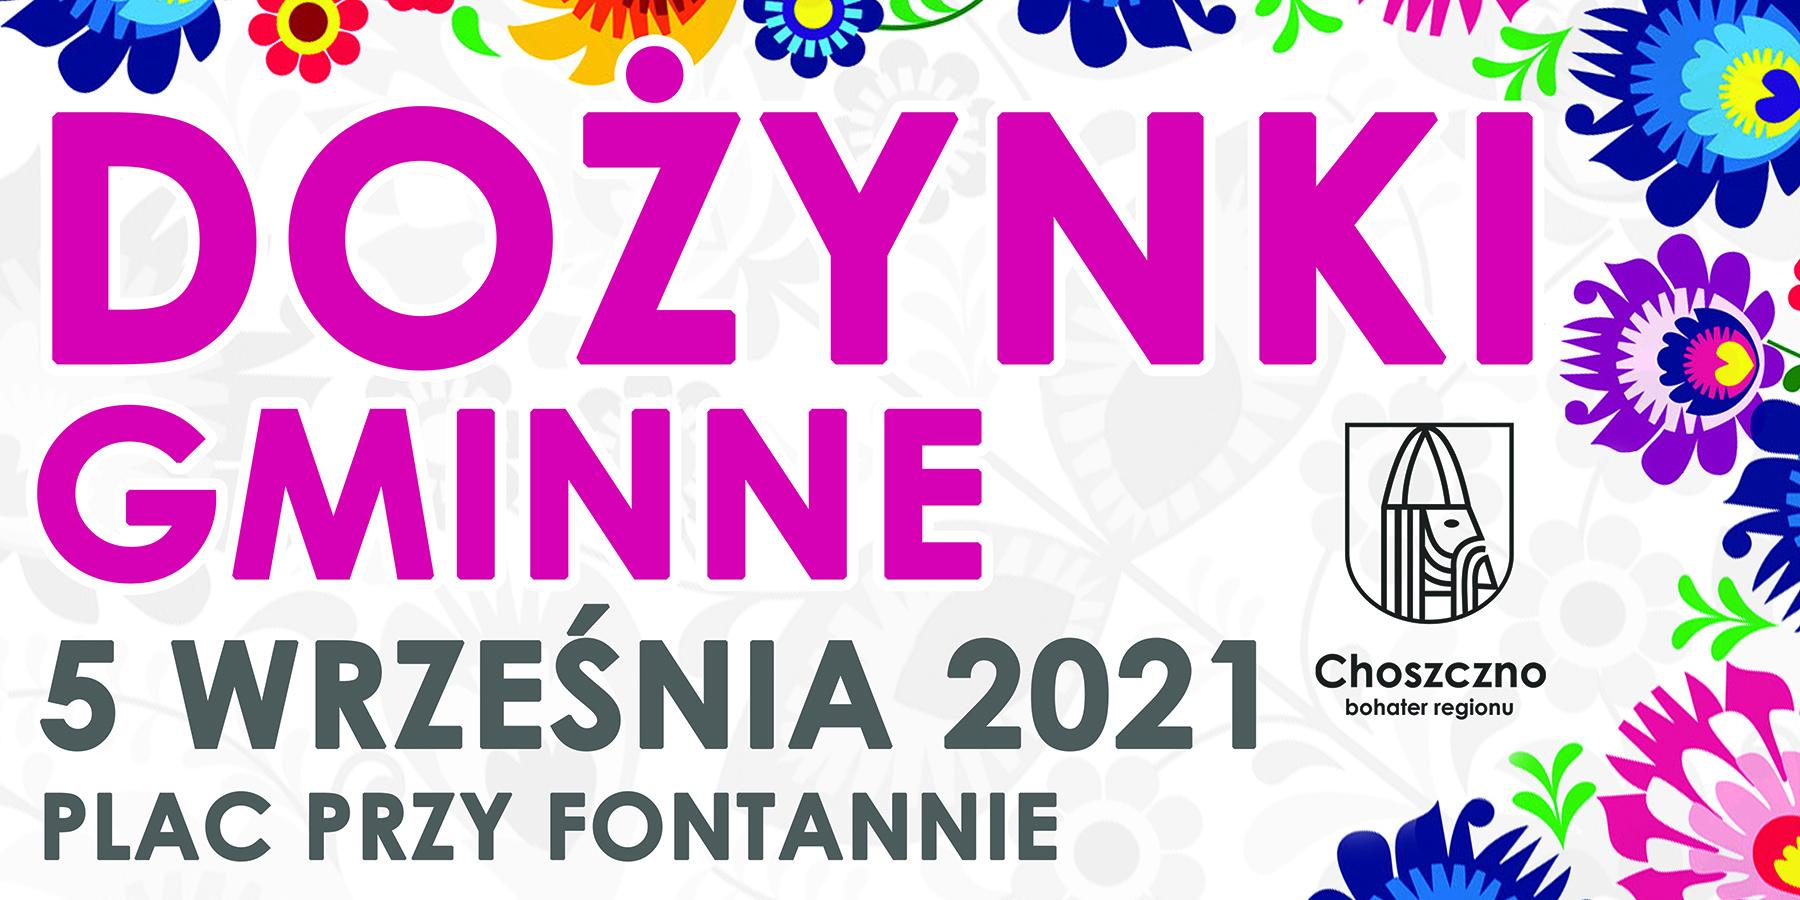 dożynki gminne 2021